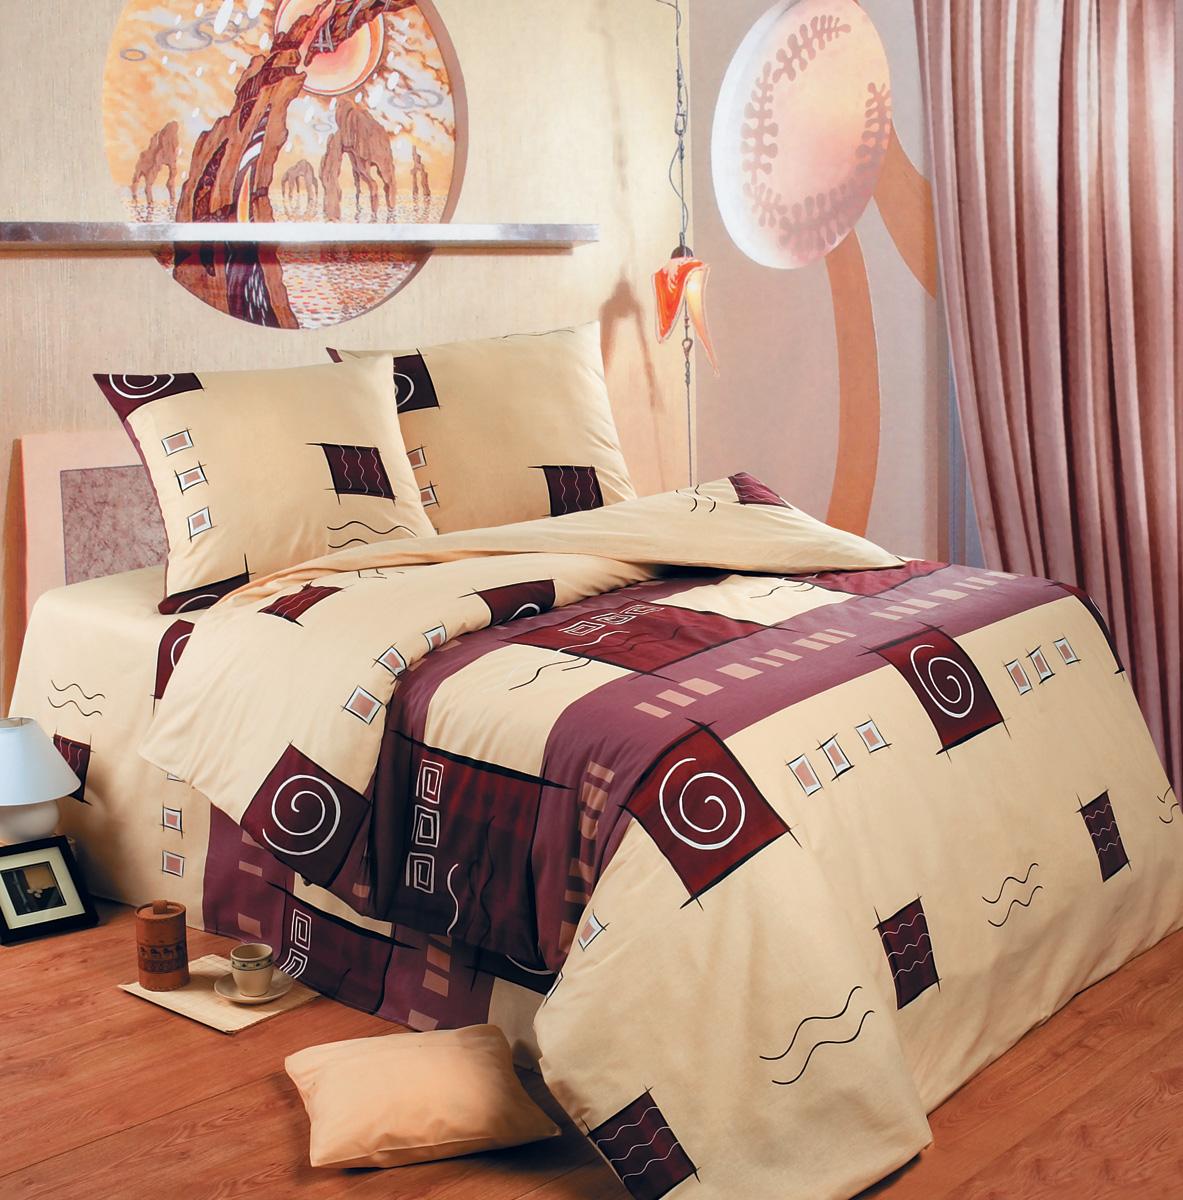 Комплект белья Любимый дом Дюна, 2-спальный, наволочки 70x70, цвет: бежевый327652